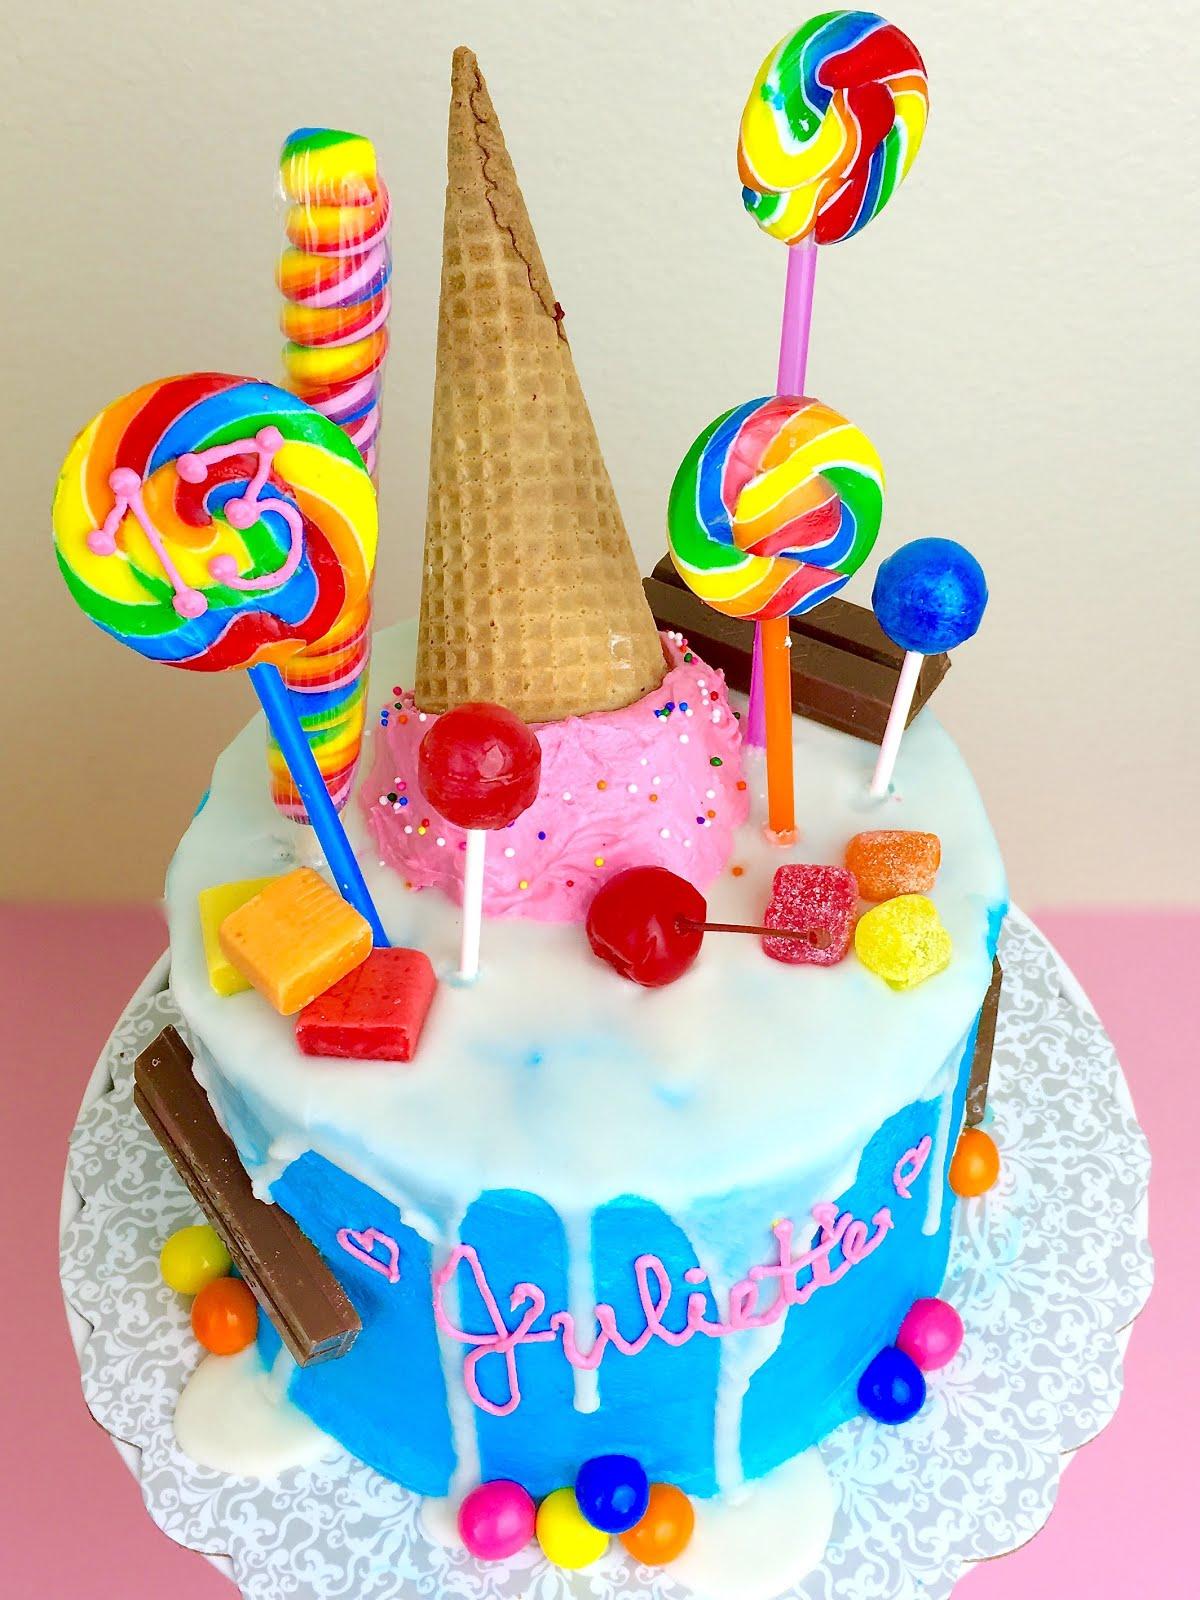 Bubblegum Ice Cream Cake